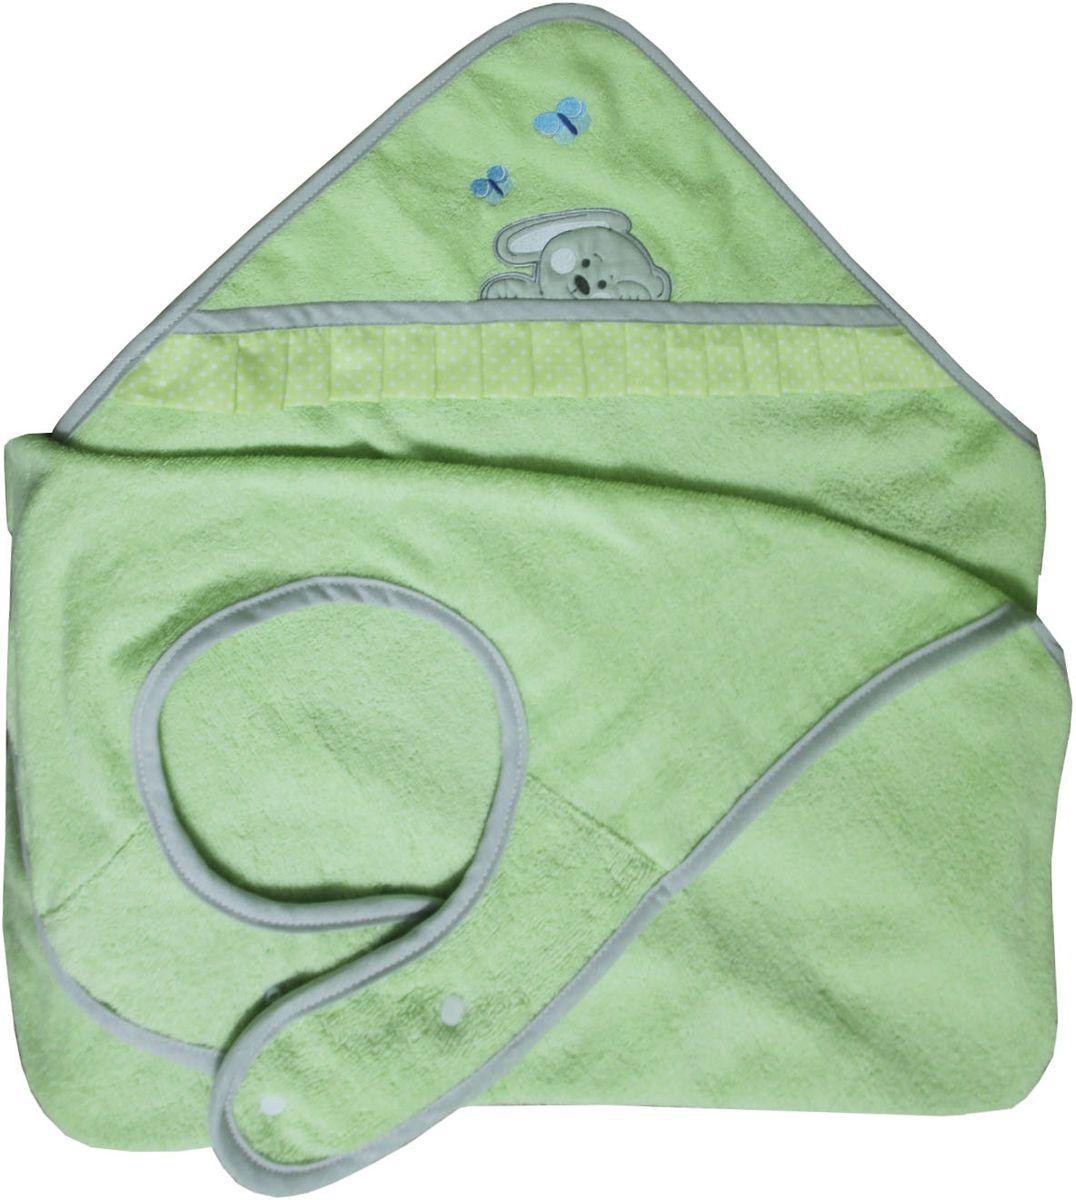 Polini Полотенце-фартук детское Зайки цвет зеленый1420Полотенце-фартук c вышивкой Polini Зайки, зеленый.Полотенце фартук - просто находка для мамочек. Этот уникальный продукт представляет собой полотенце, которое удобно крепится на вашей шее позволяя оставлять ваши руки свободными.После процедуры купания легко укутаете ребенка, избегая лишних движений. Материал изделия состоит из 100% хлопка, который подарит ощущение мягкости детской коже малыша. Благодаря фартуку ваша одежда будет защищена от брызг. Купать малыша с таким полотенцем - одно удовольствие.Габариты полотенца: 100 х 120 см.